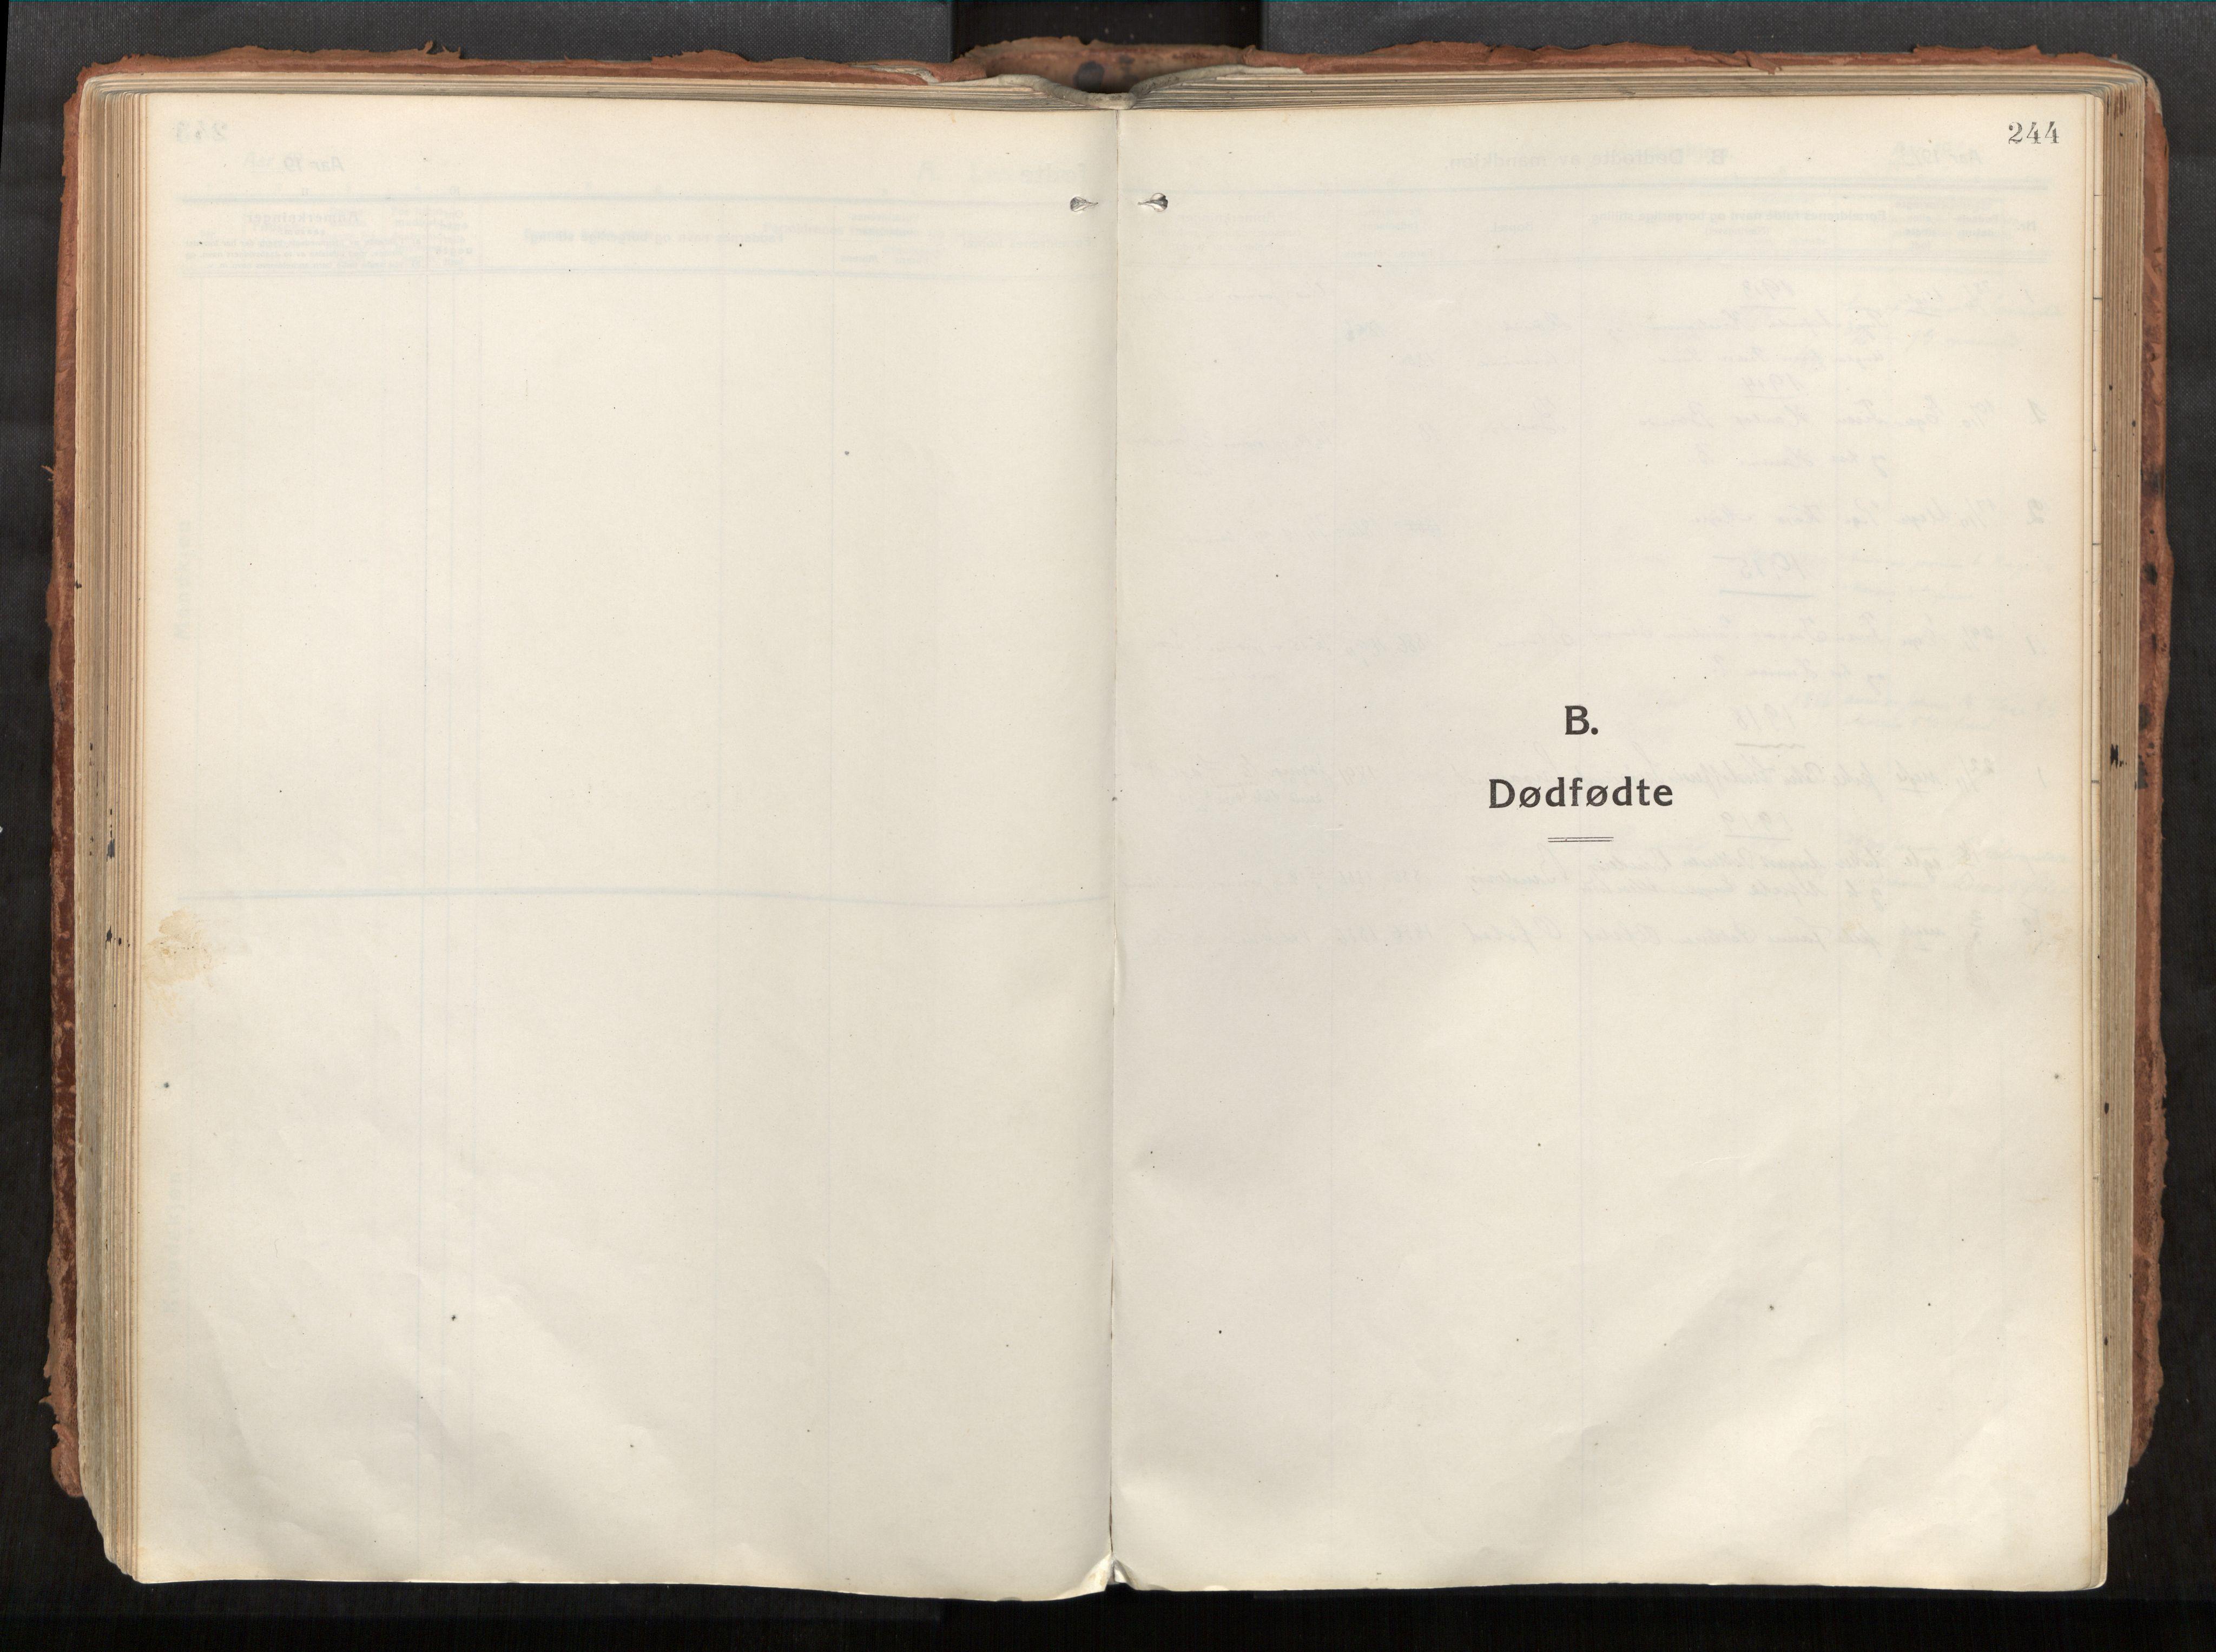 SAT, Vikna sokneprestkontor*, Parish register (official) no. 1, 1913-1934, p. 244